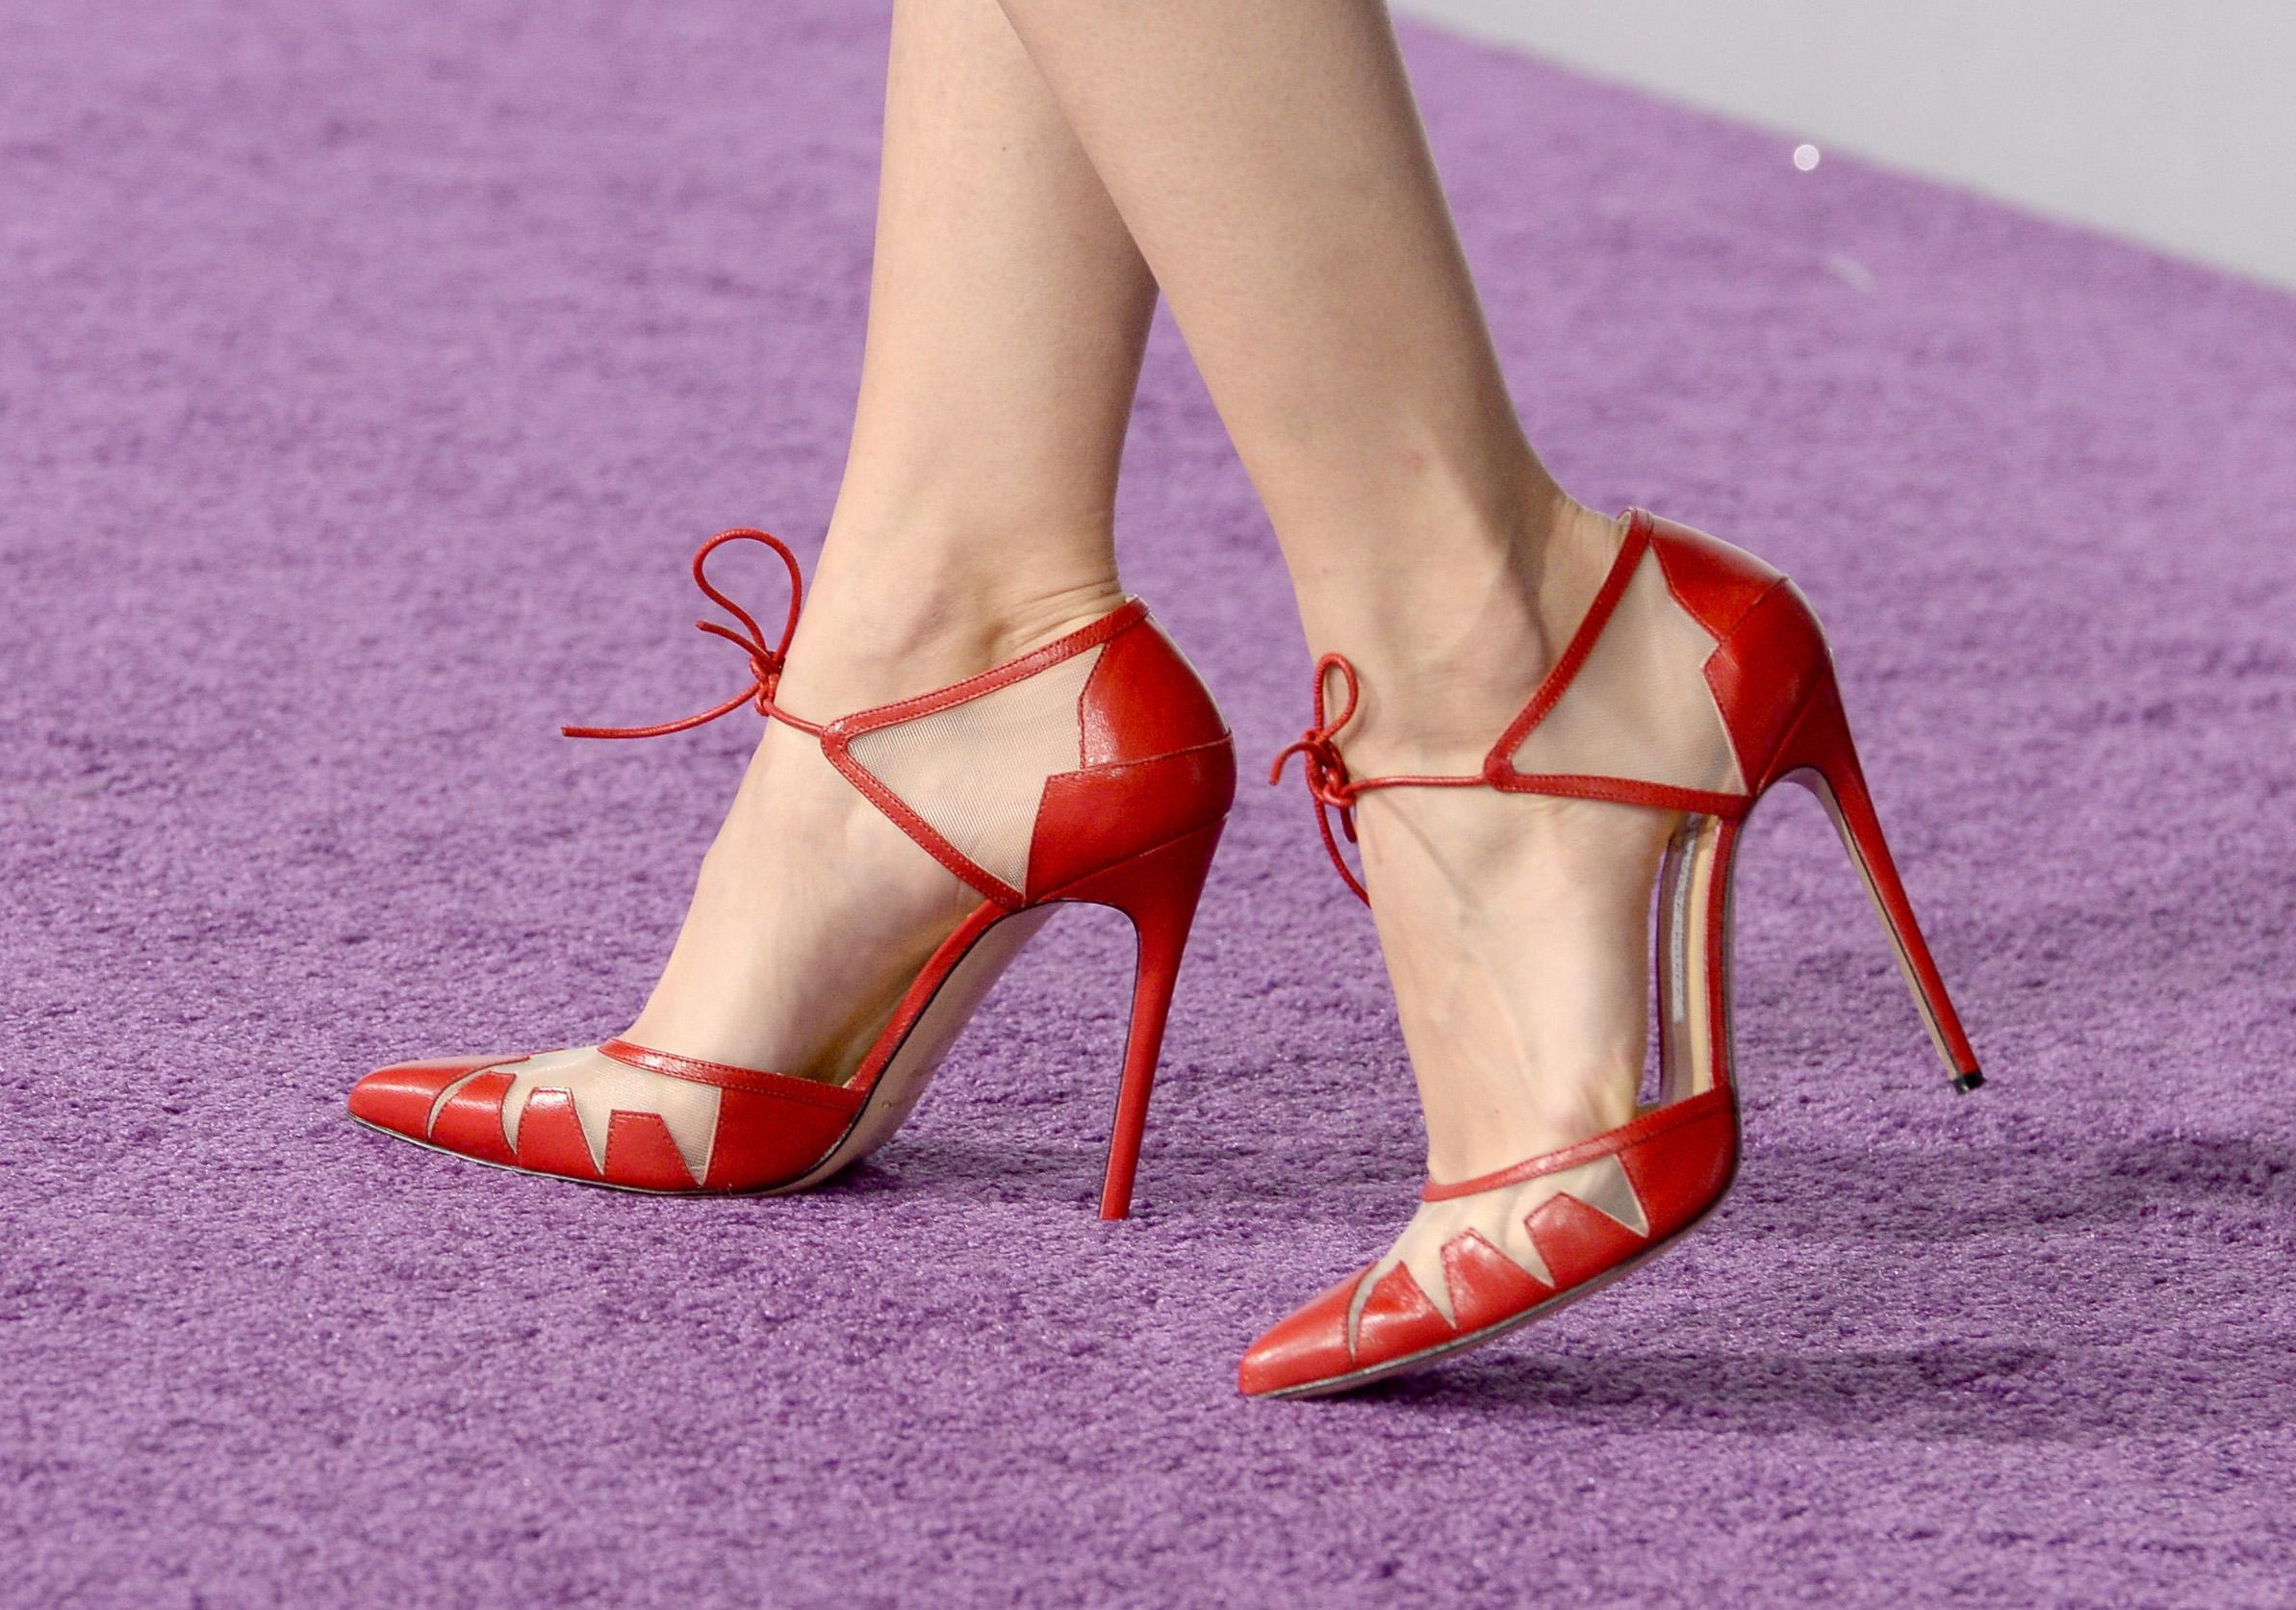 Heels So High